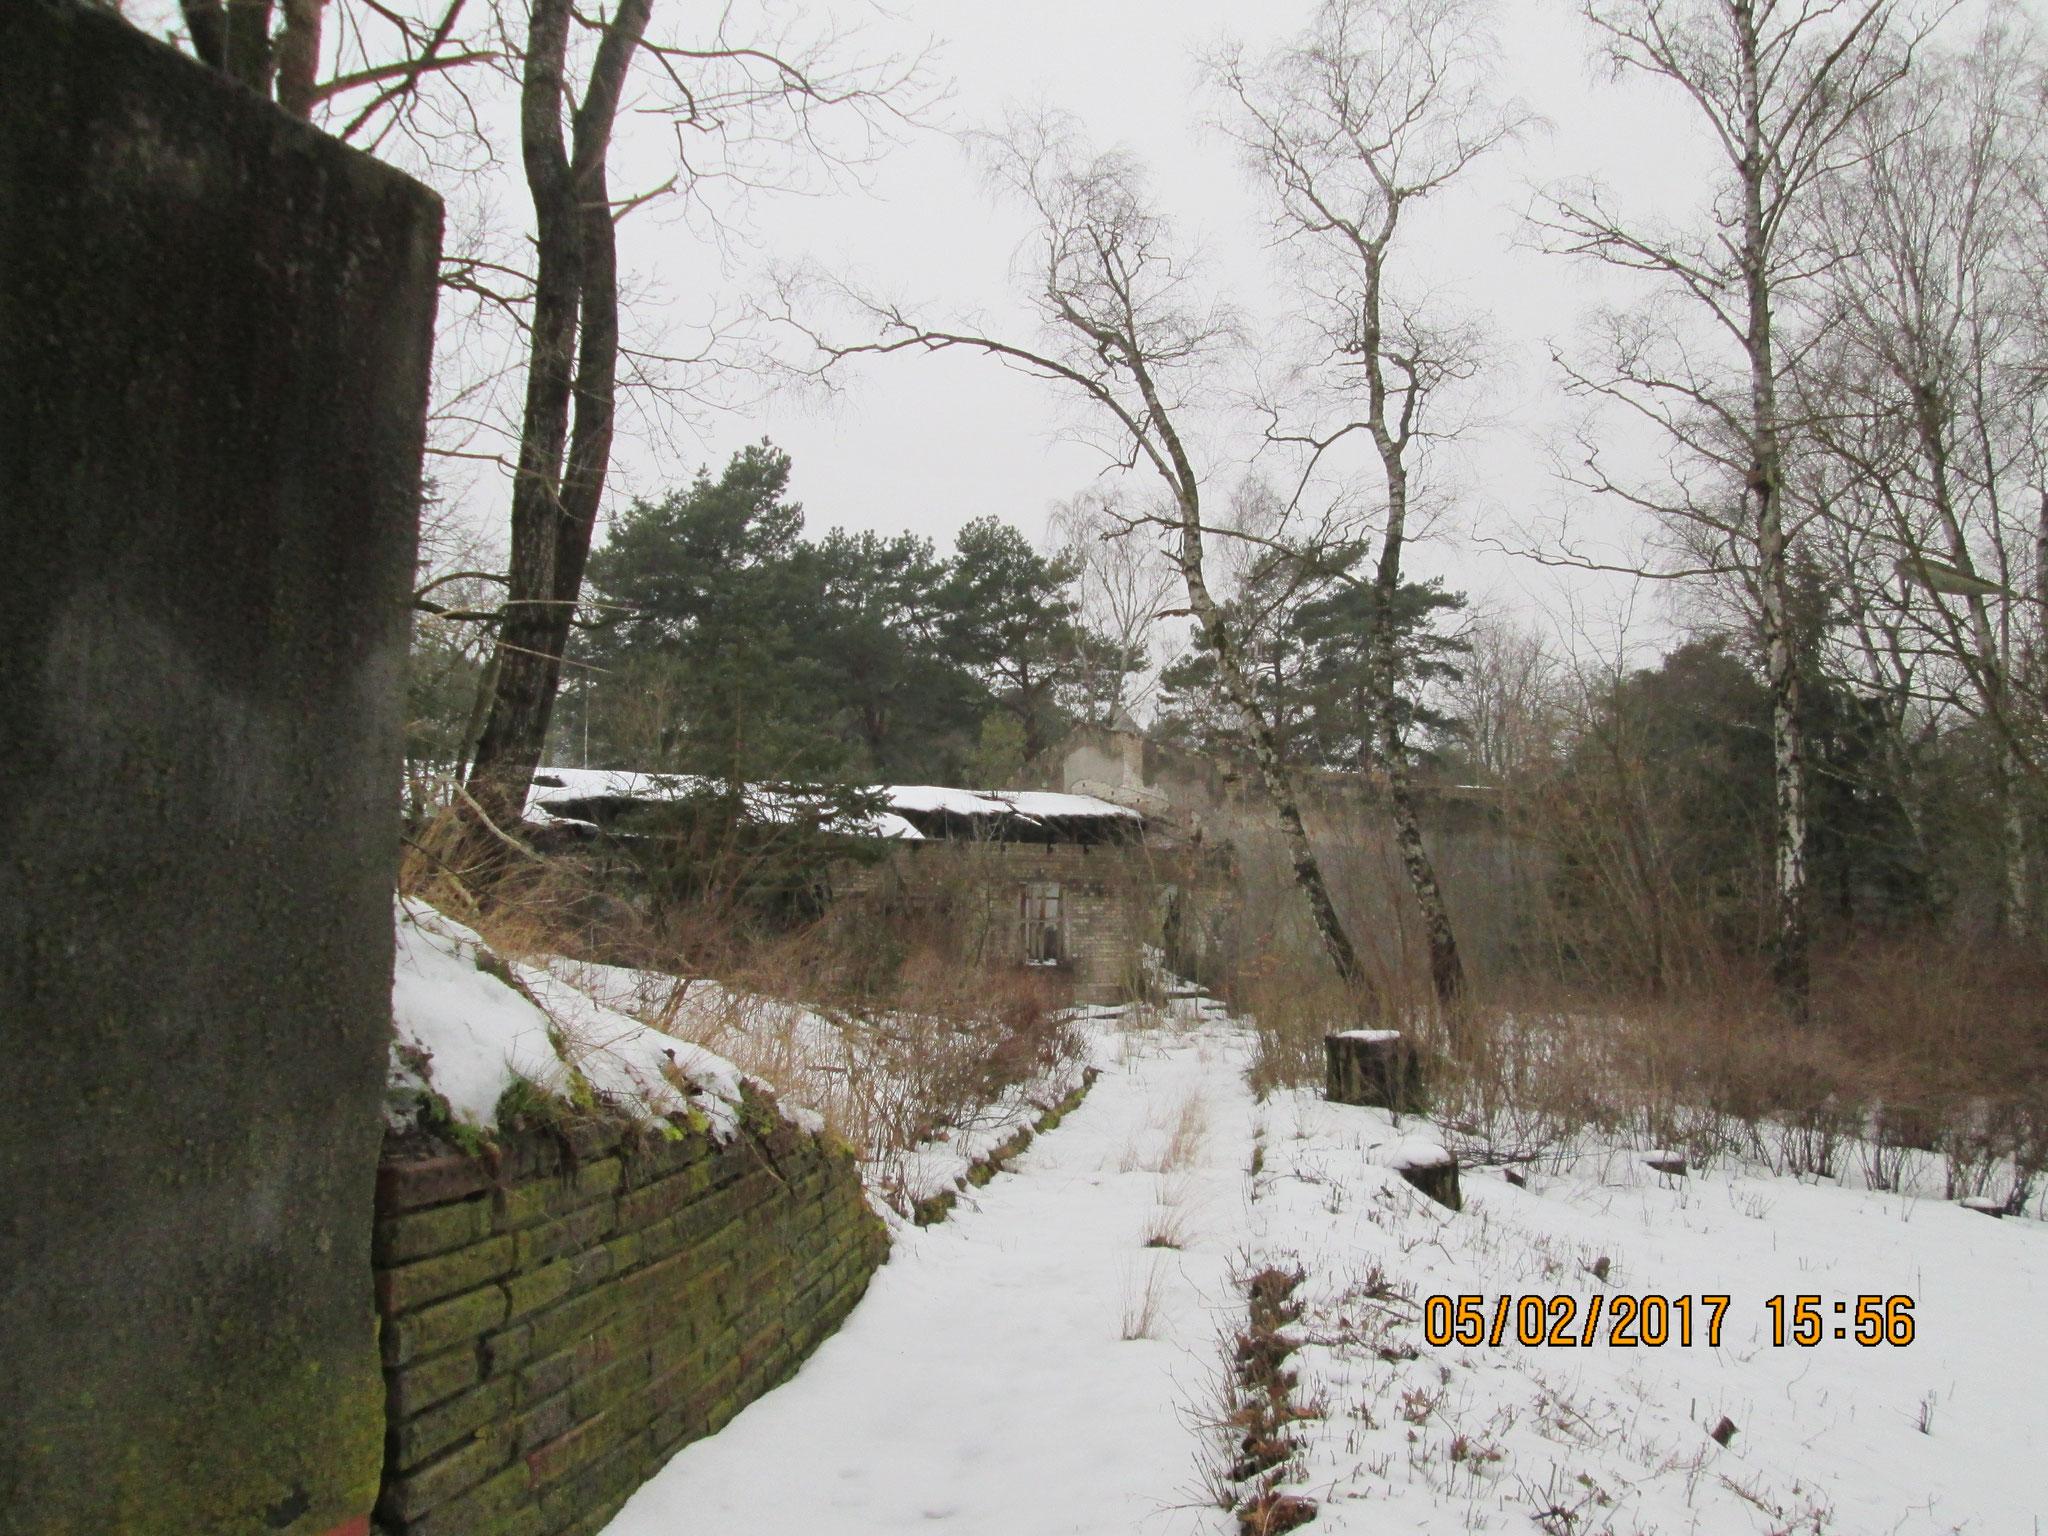 Umgebung des Bunkers Zeppelin